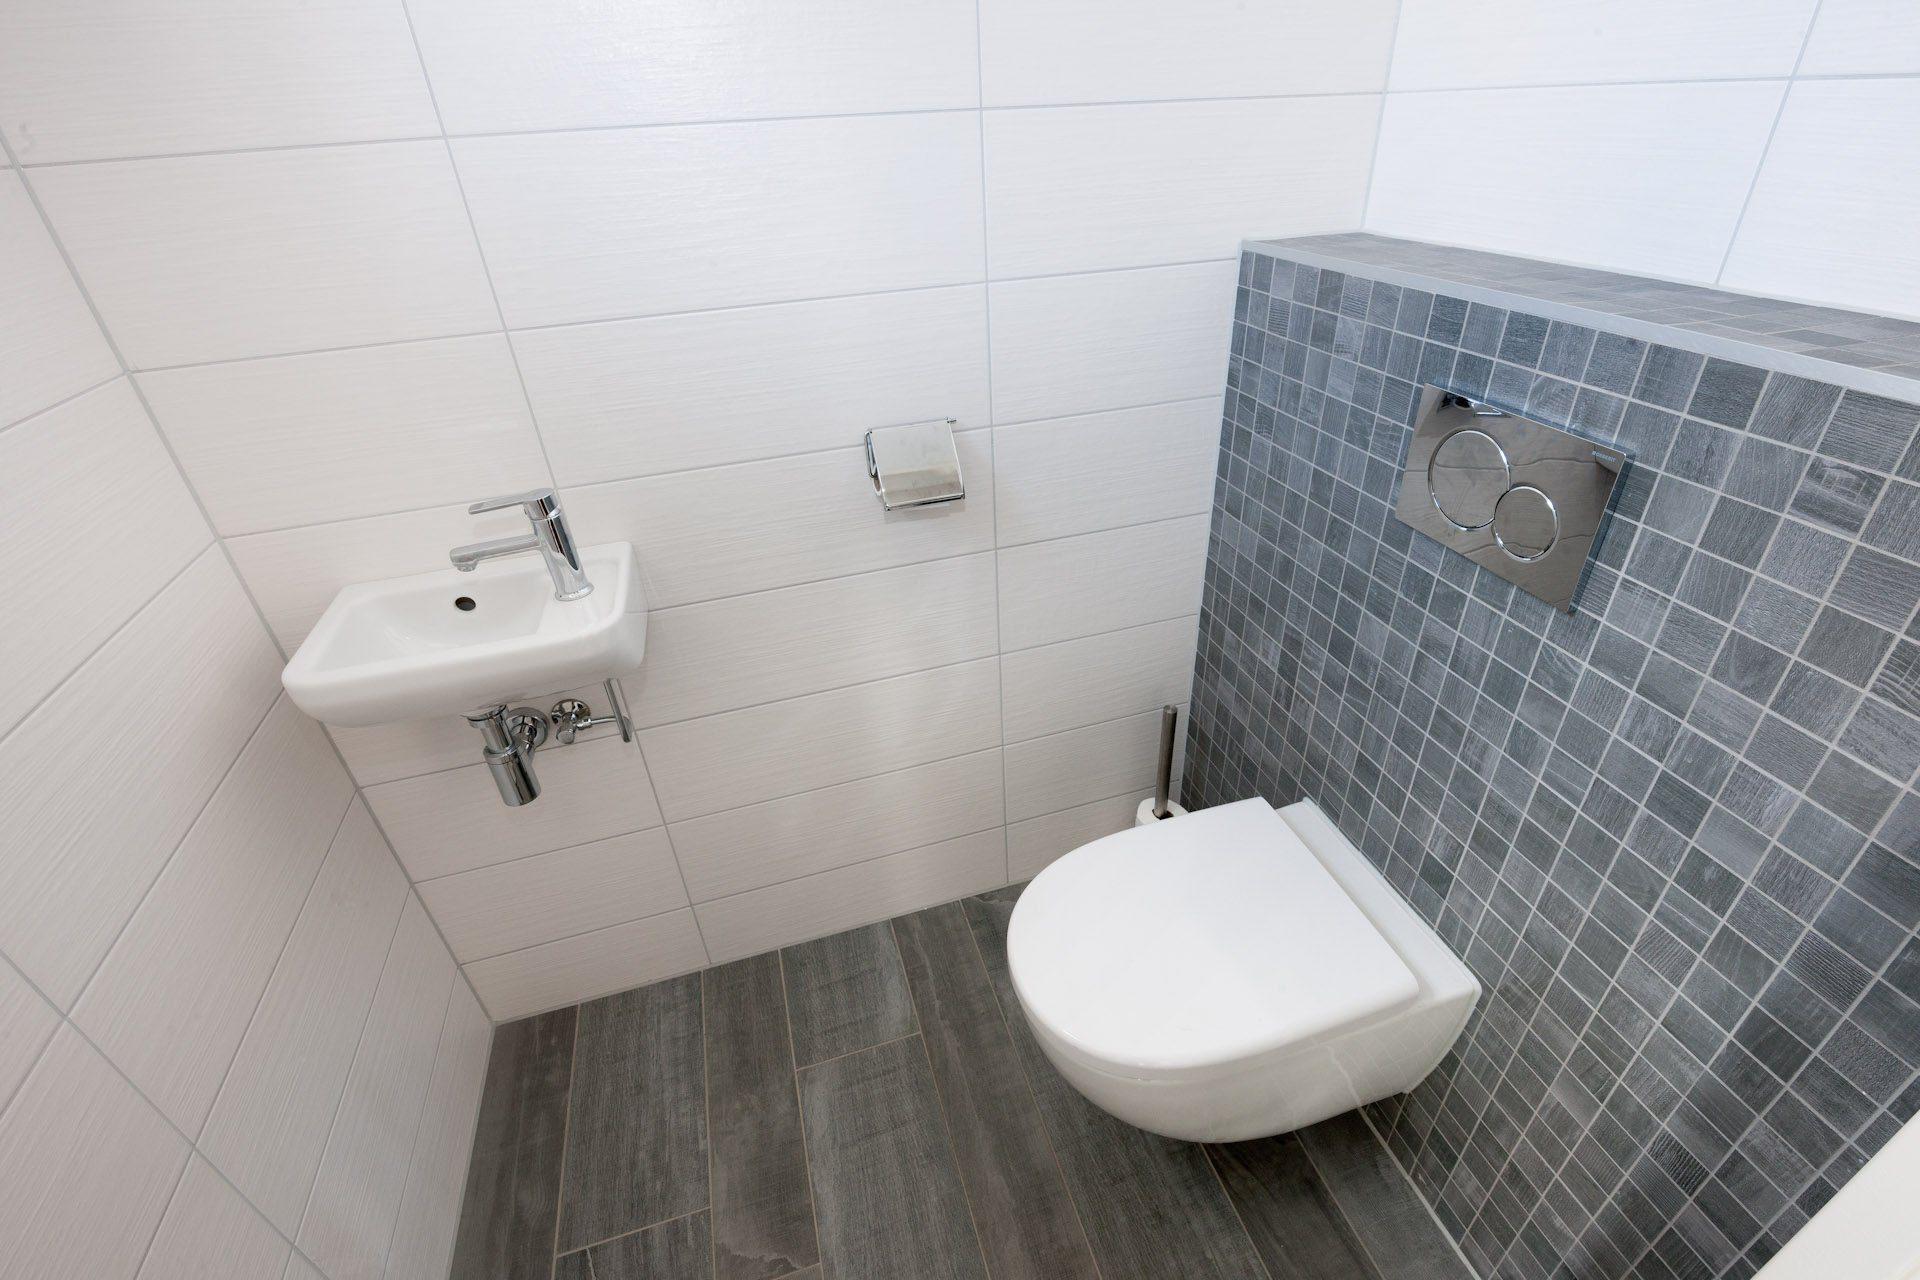 Houtlook tegels in woonkamer en mozaïek in toilet kroon